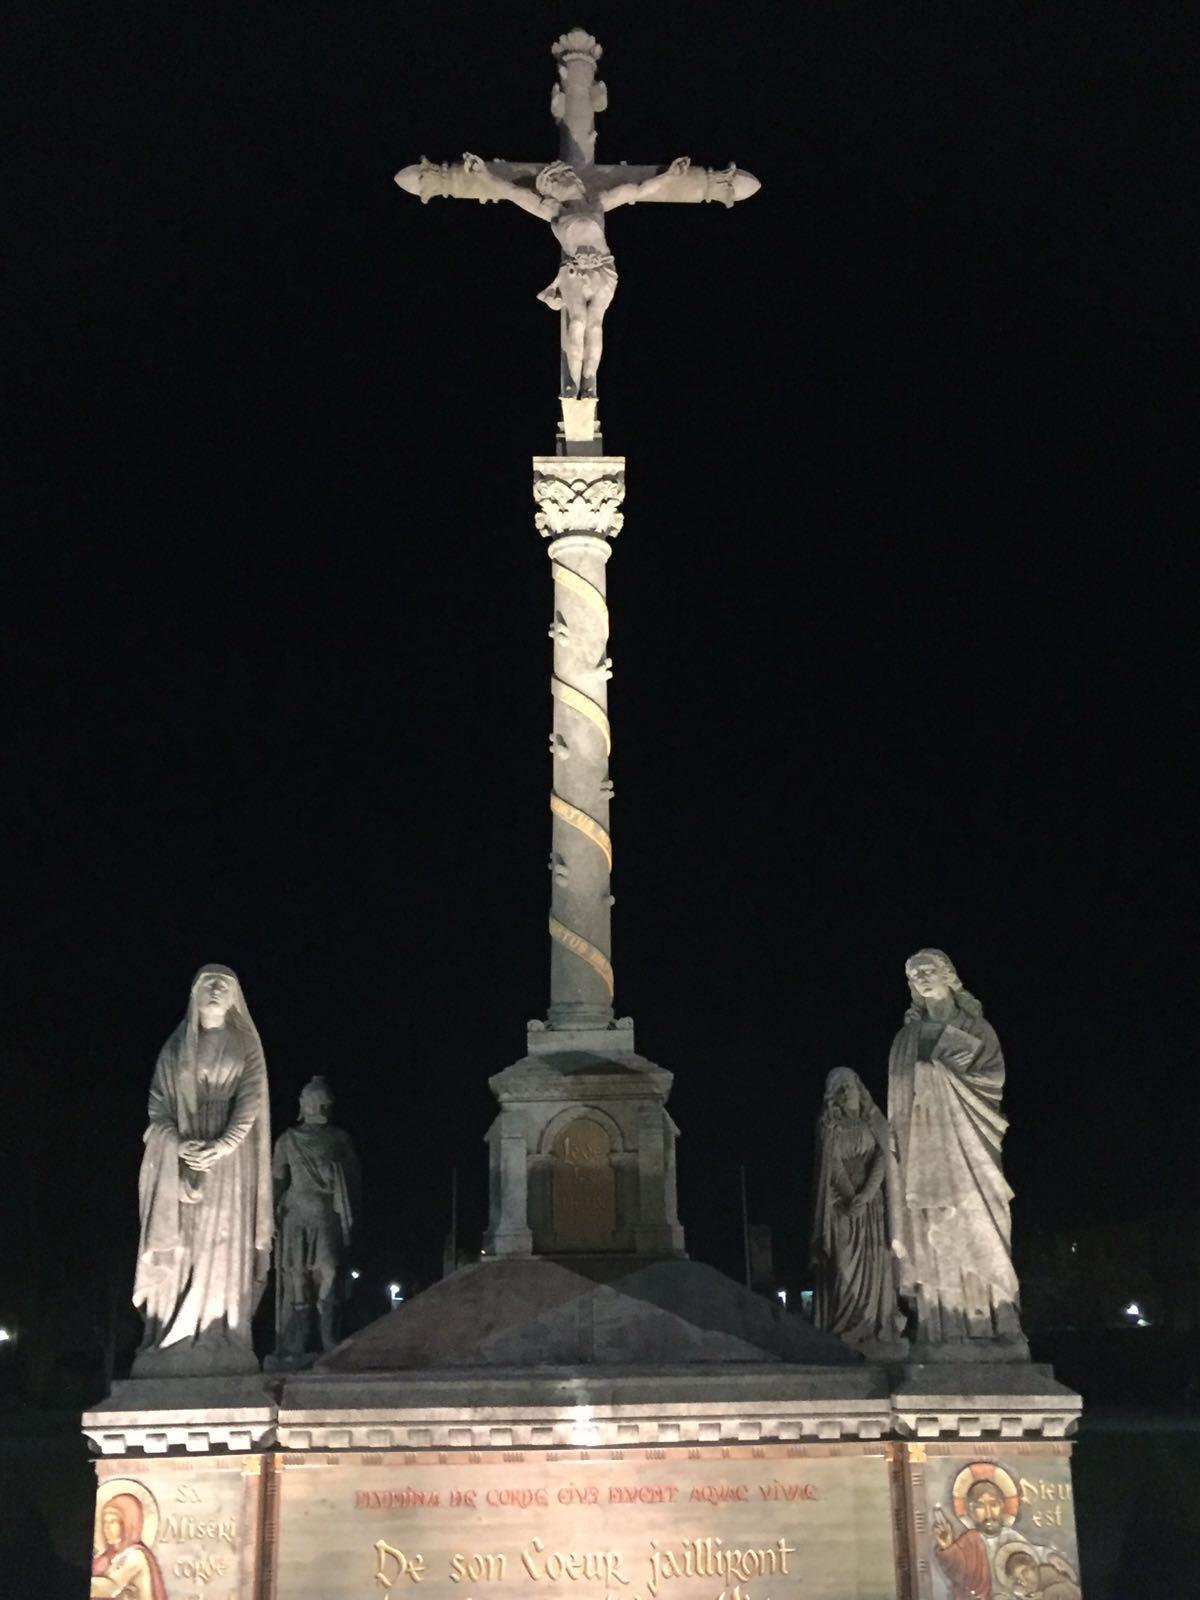 Die Jungfrau Maria erschien 1858 der 14 Jahre alten Bernadette in Lourdes. Sie brachte Bernadette bei, das Kreuzzeichen ordentlich zu machen. Mit dem Kreuzzeichen eröffnen die katholischen und orthodoxen Christen ihr Gebet. Es ist die Türe zu Gott.